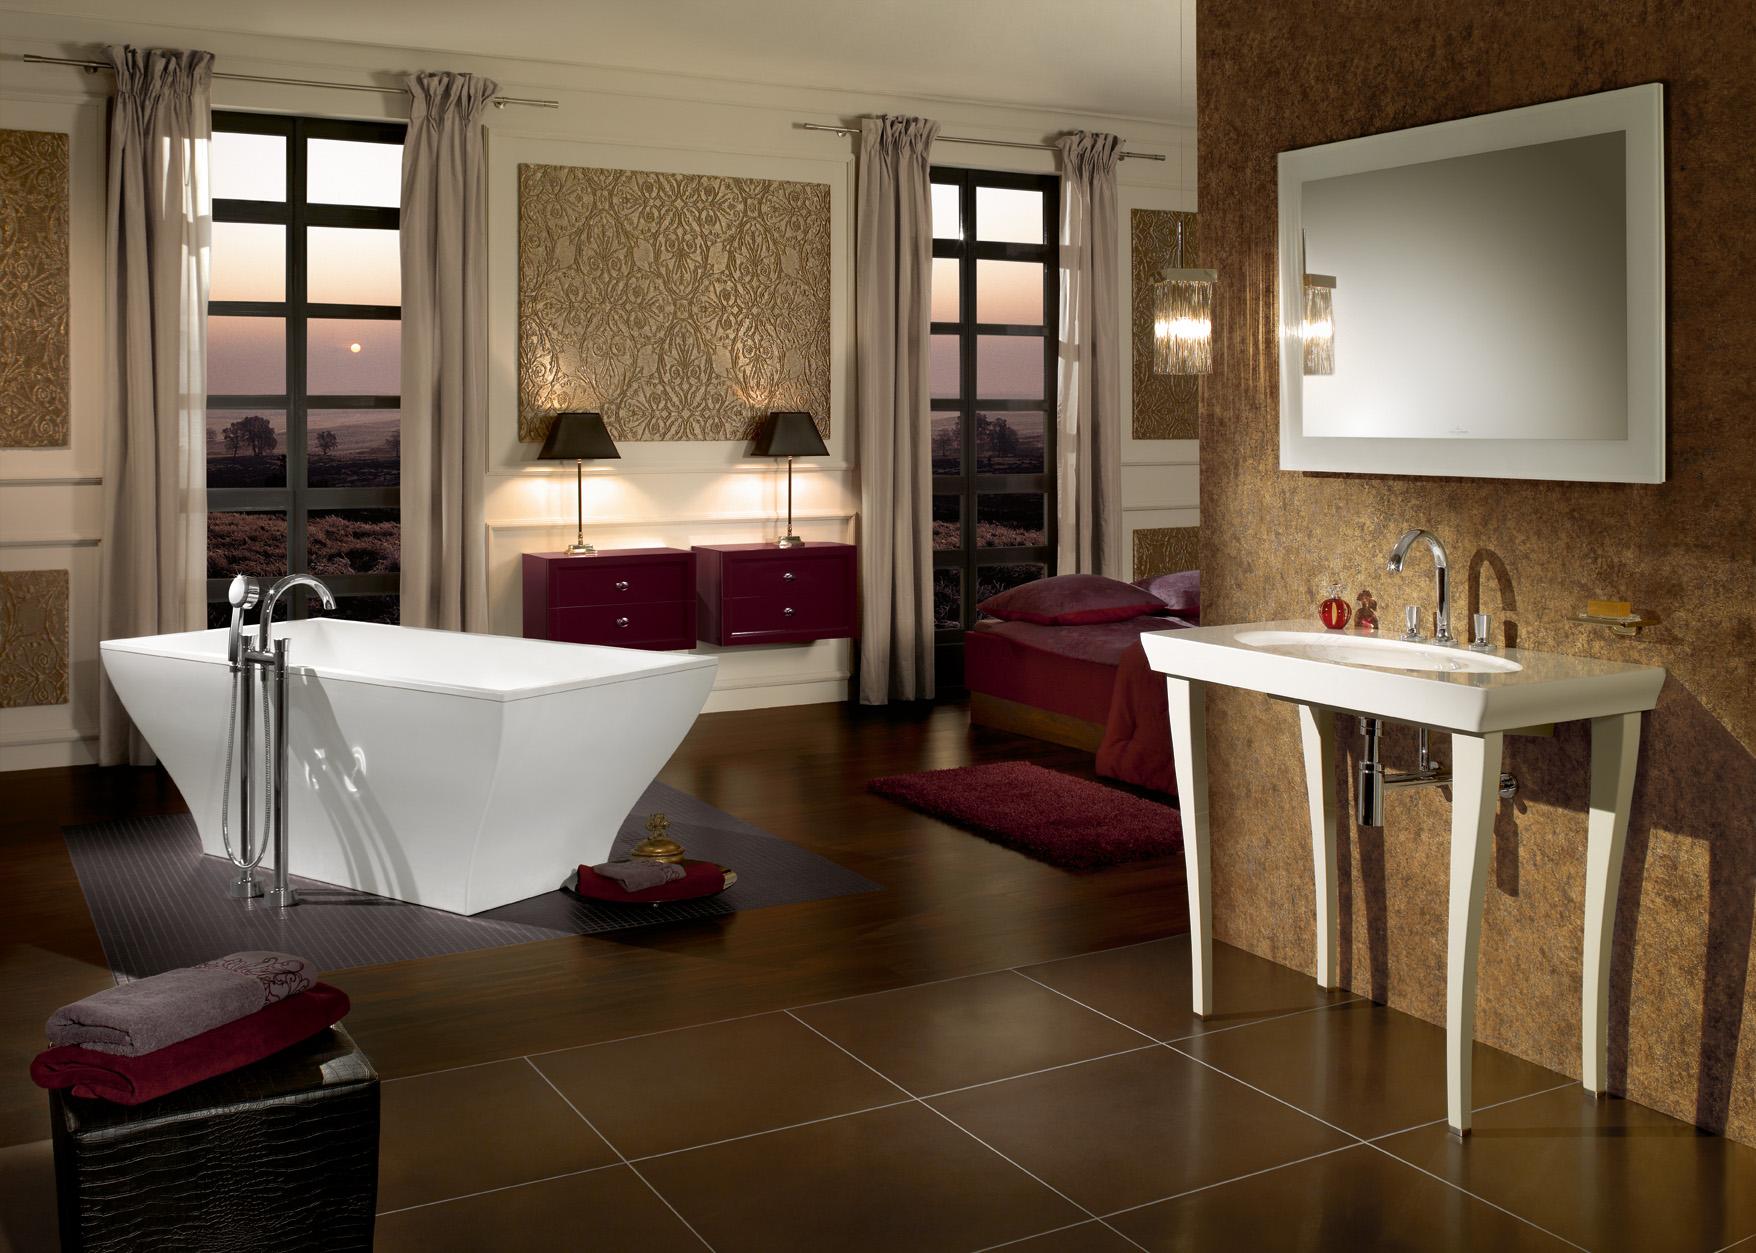 Bedale bathroom showrooms